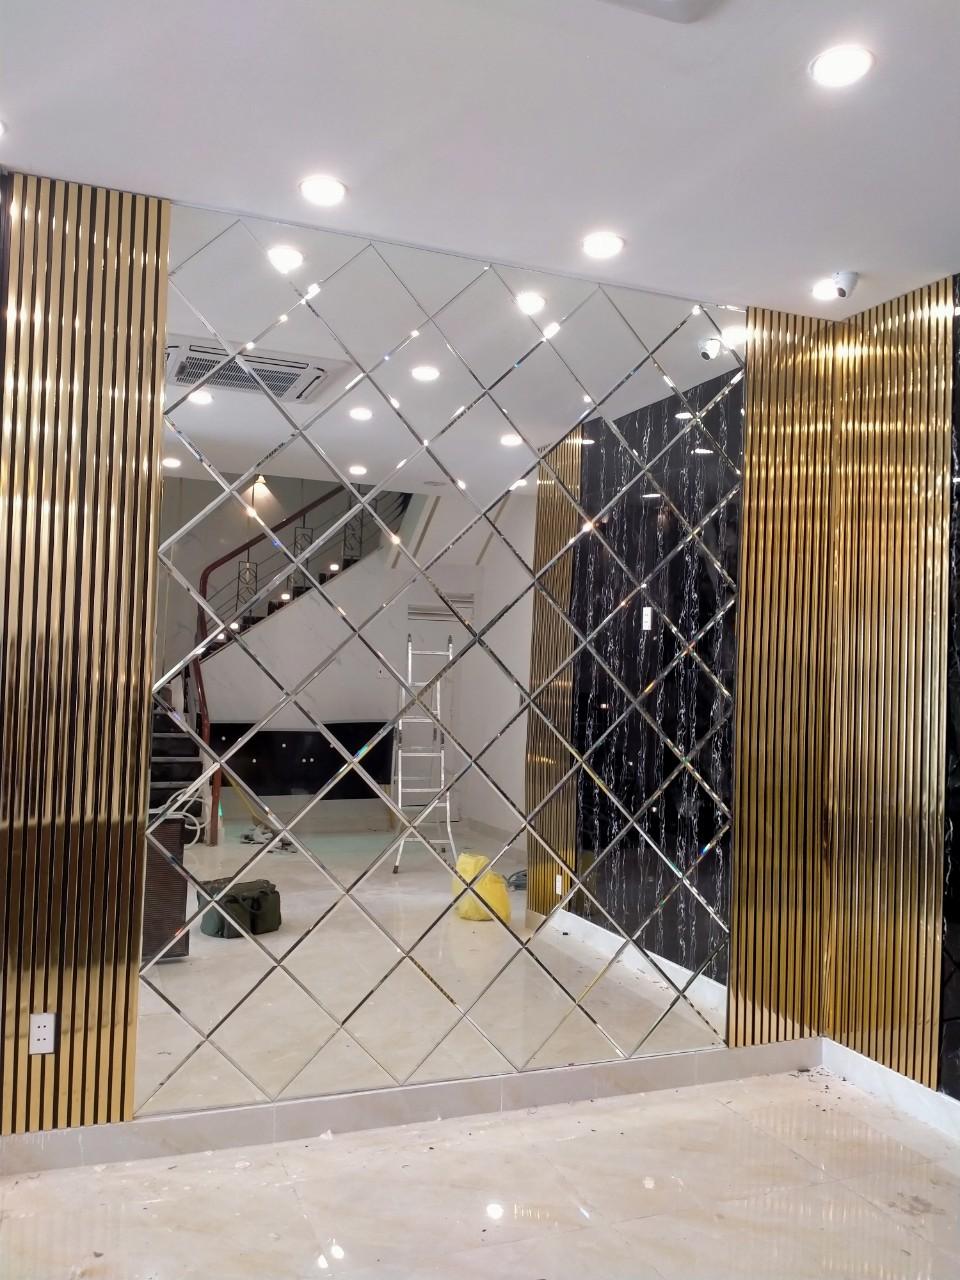 Gương ốp tường trang trí hình quả trám ứng dụng linh hoạt trong nhiều thiết kế khác nhau